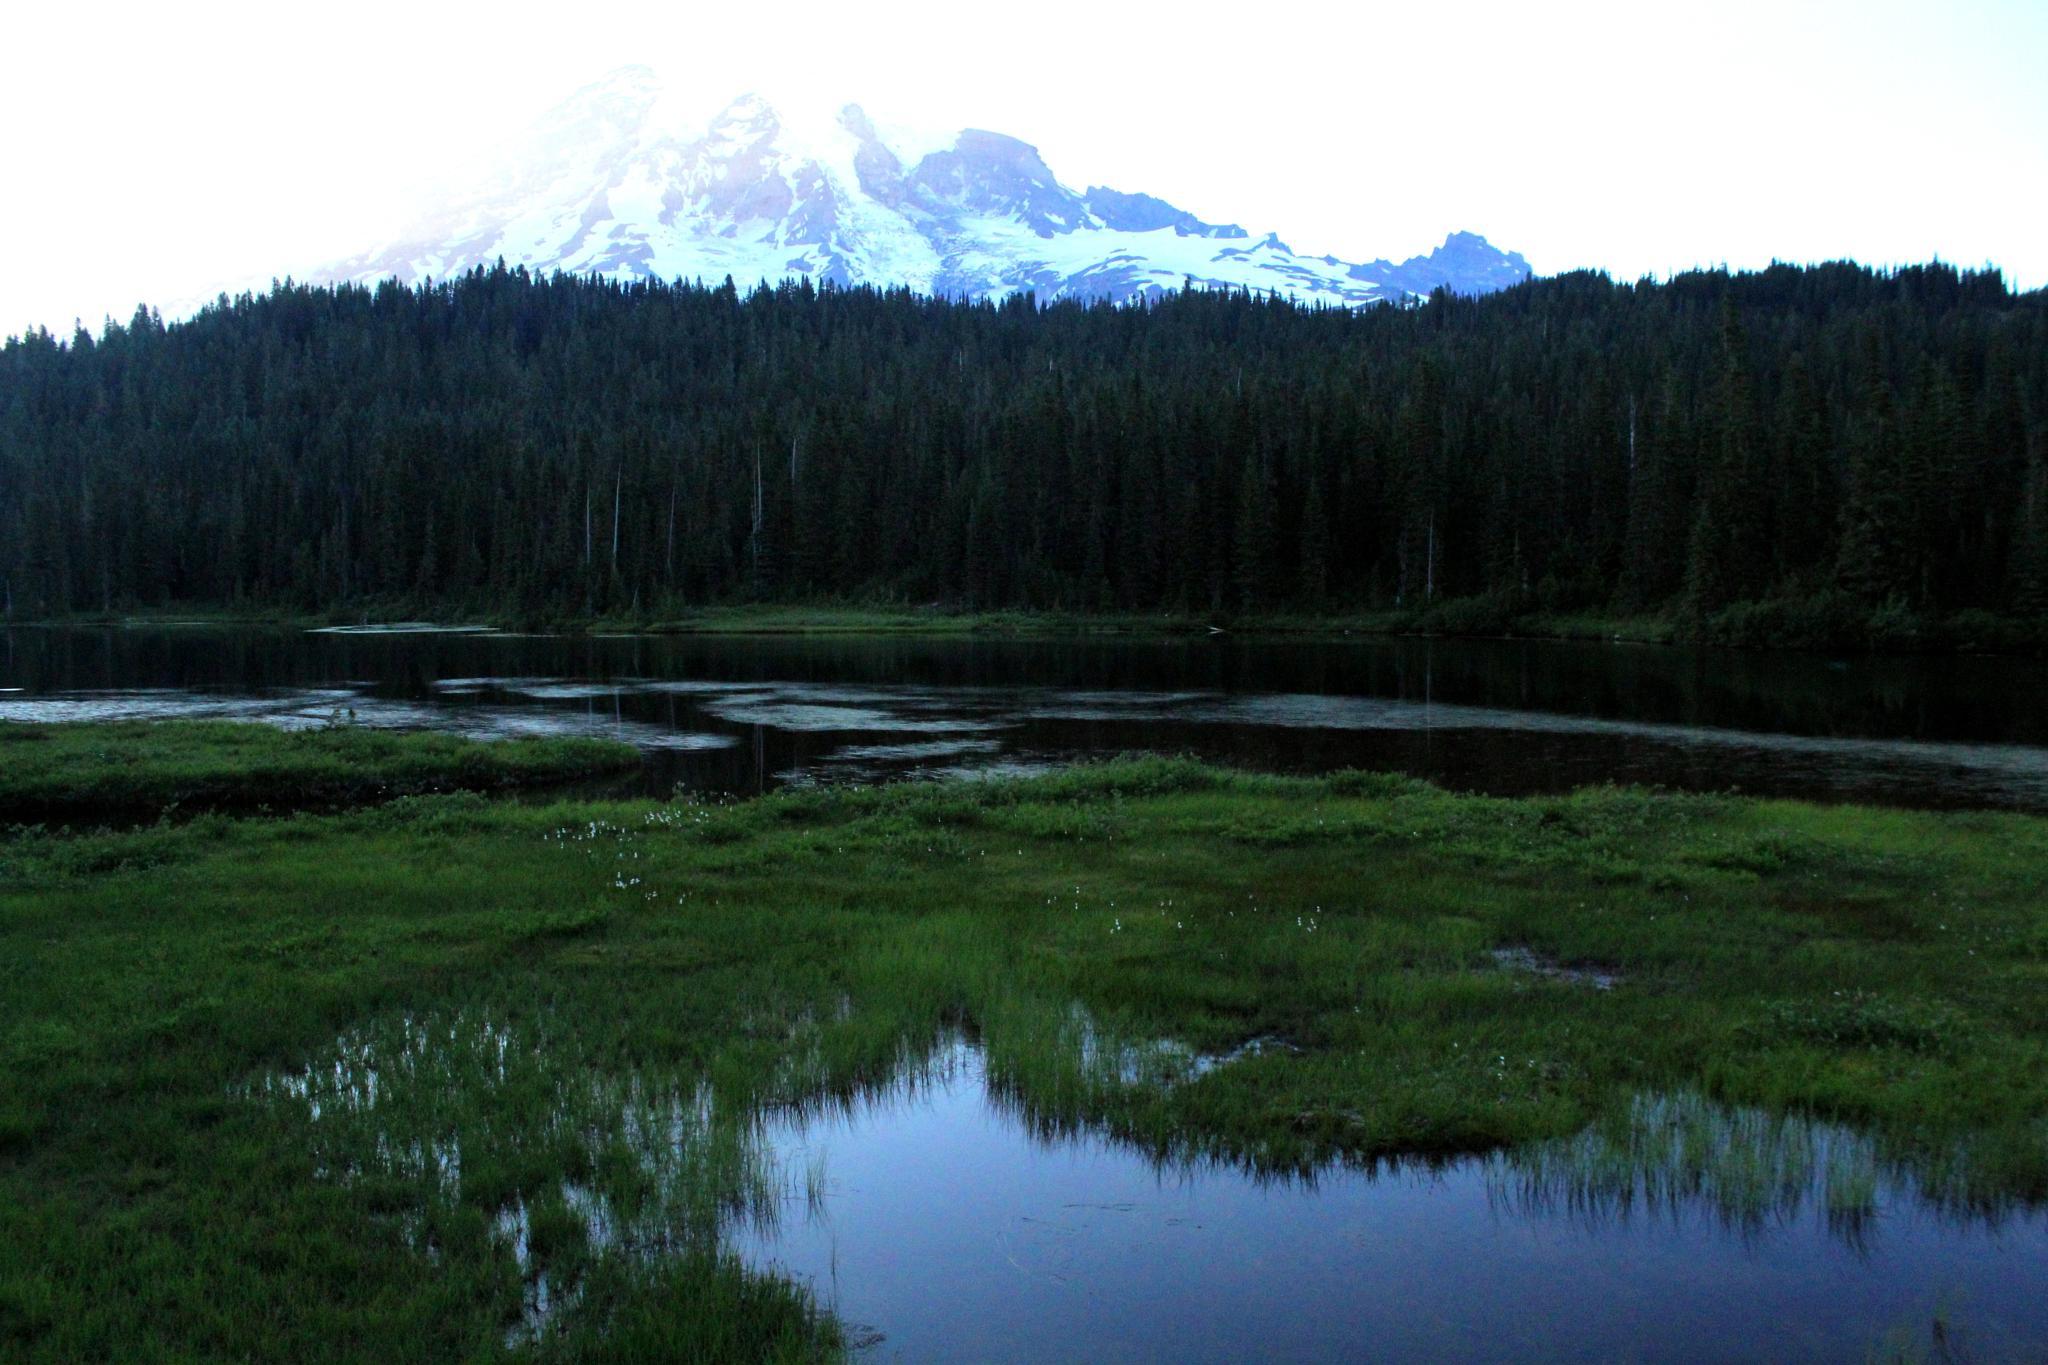 Mount Rainier Medows by JosephParker